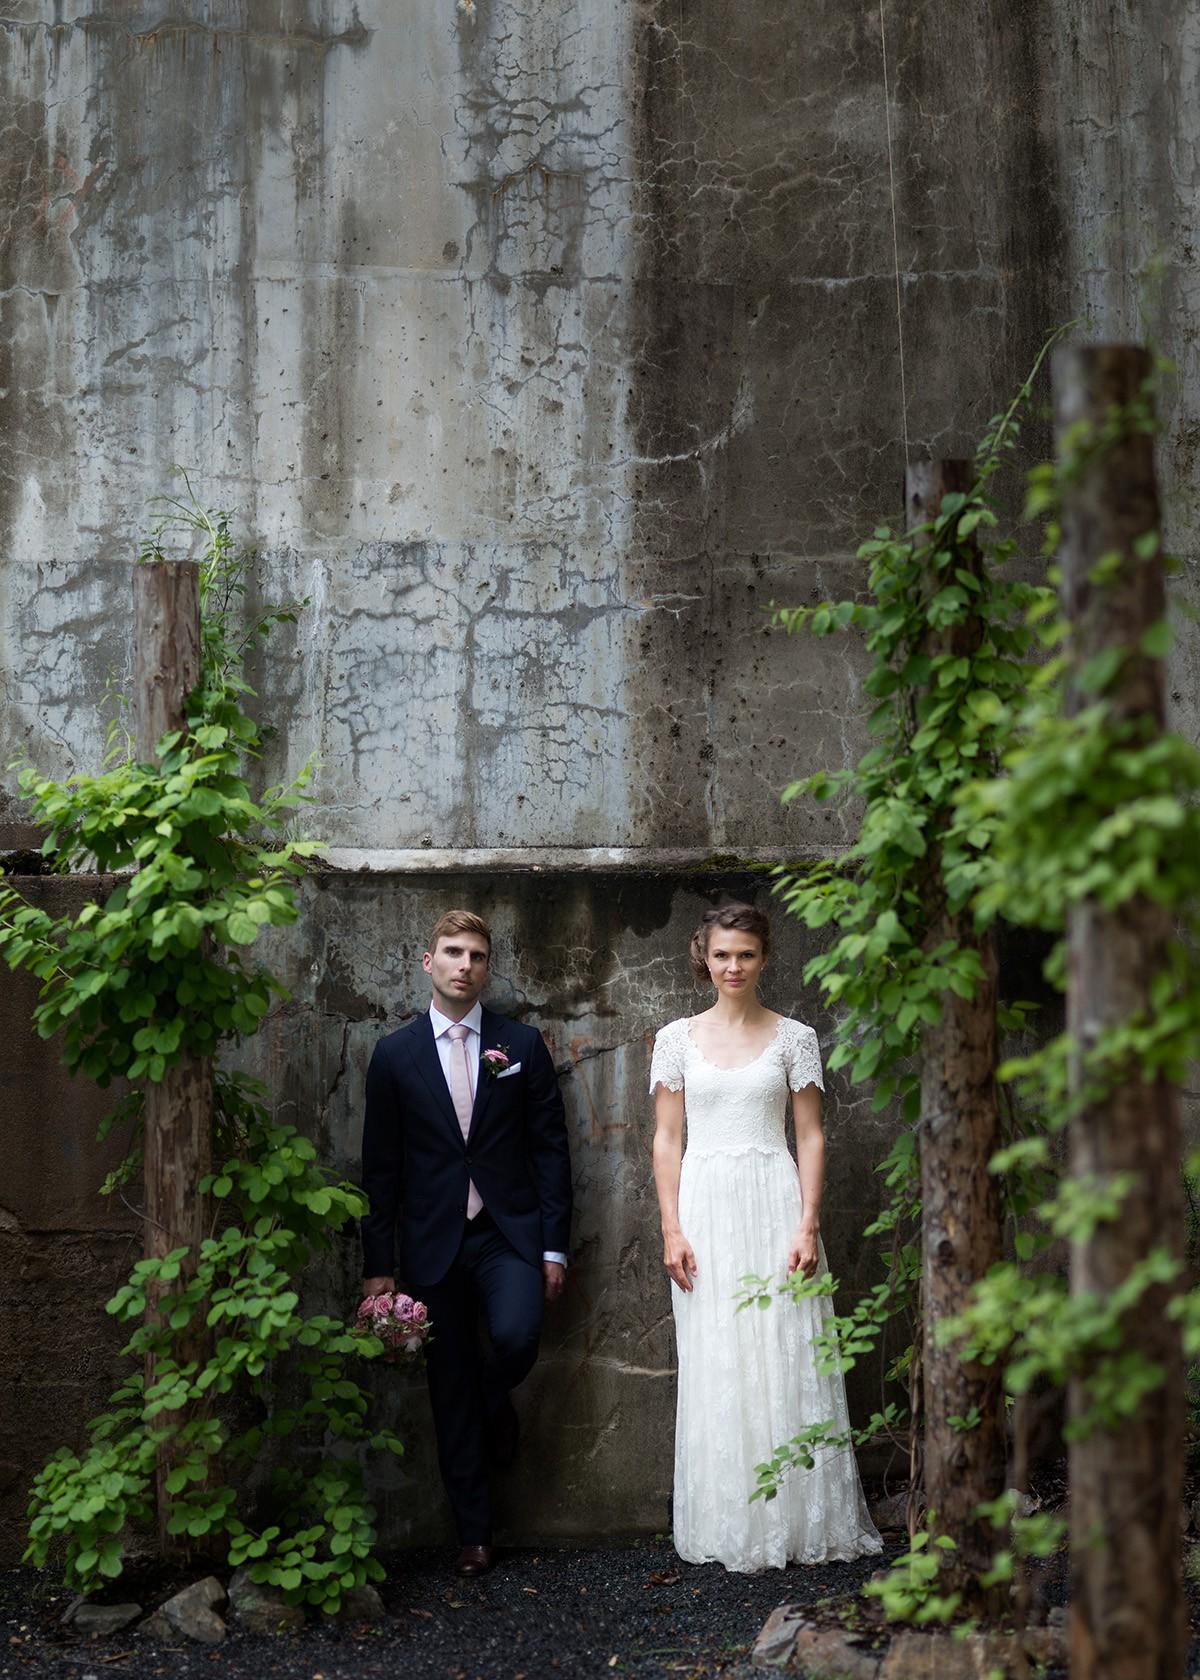 bröllop-fotograf-umeå-baggböle1